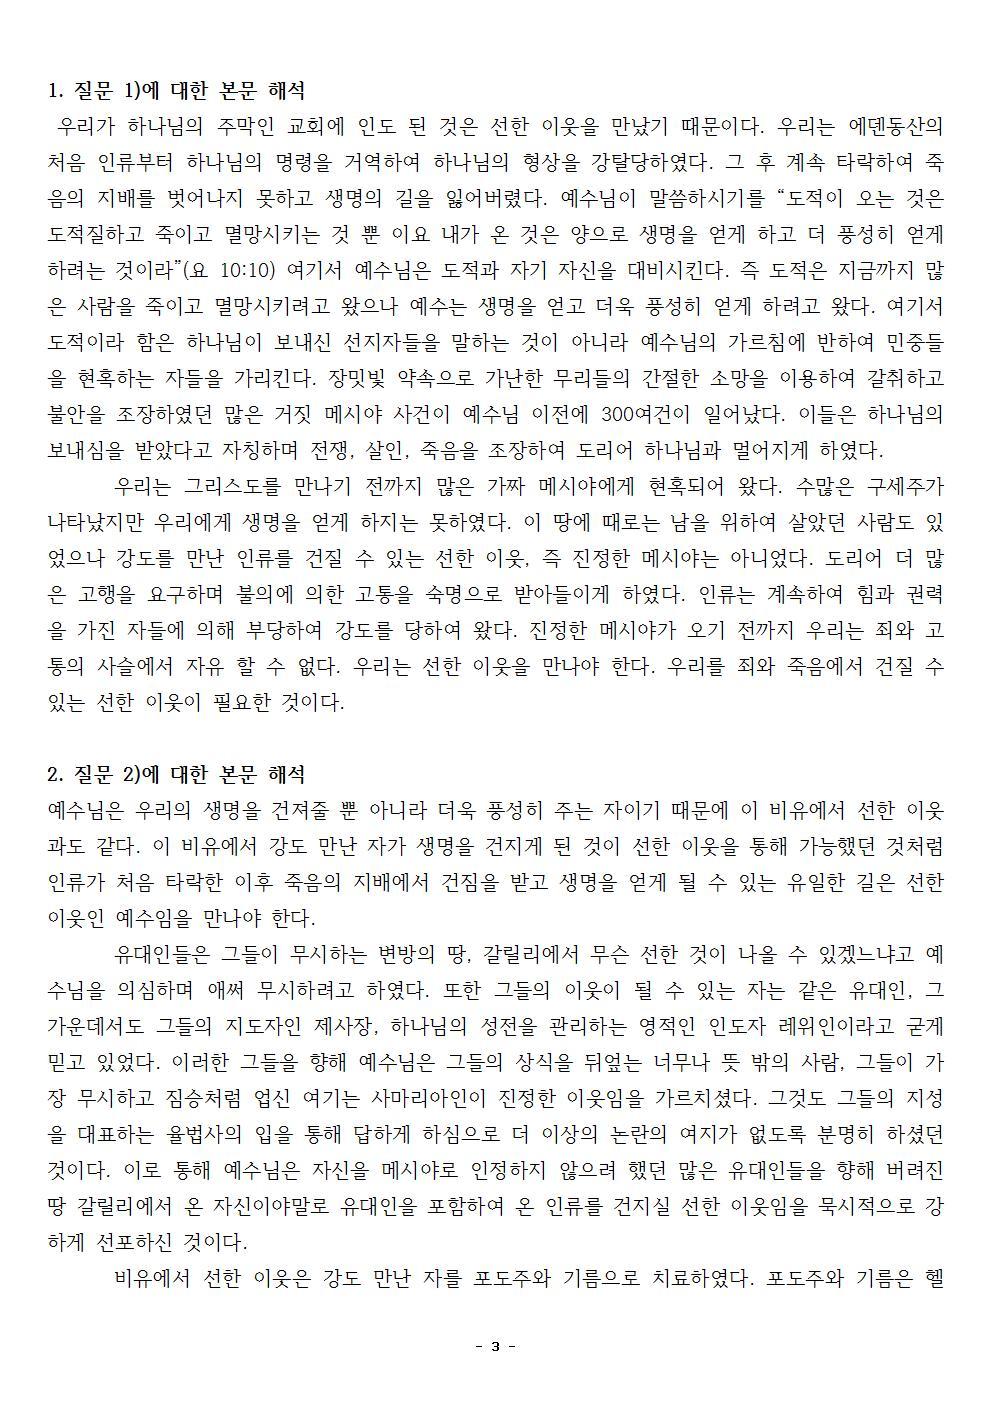 주막과 같은 교회003.jpg